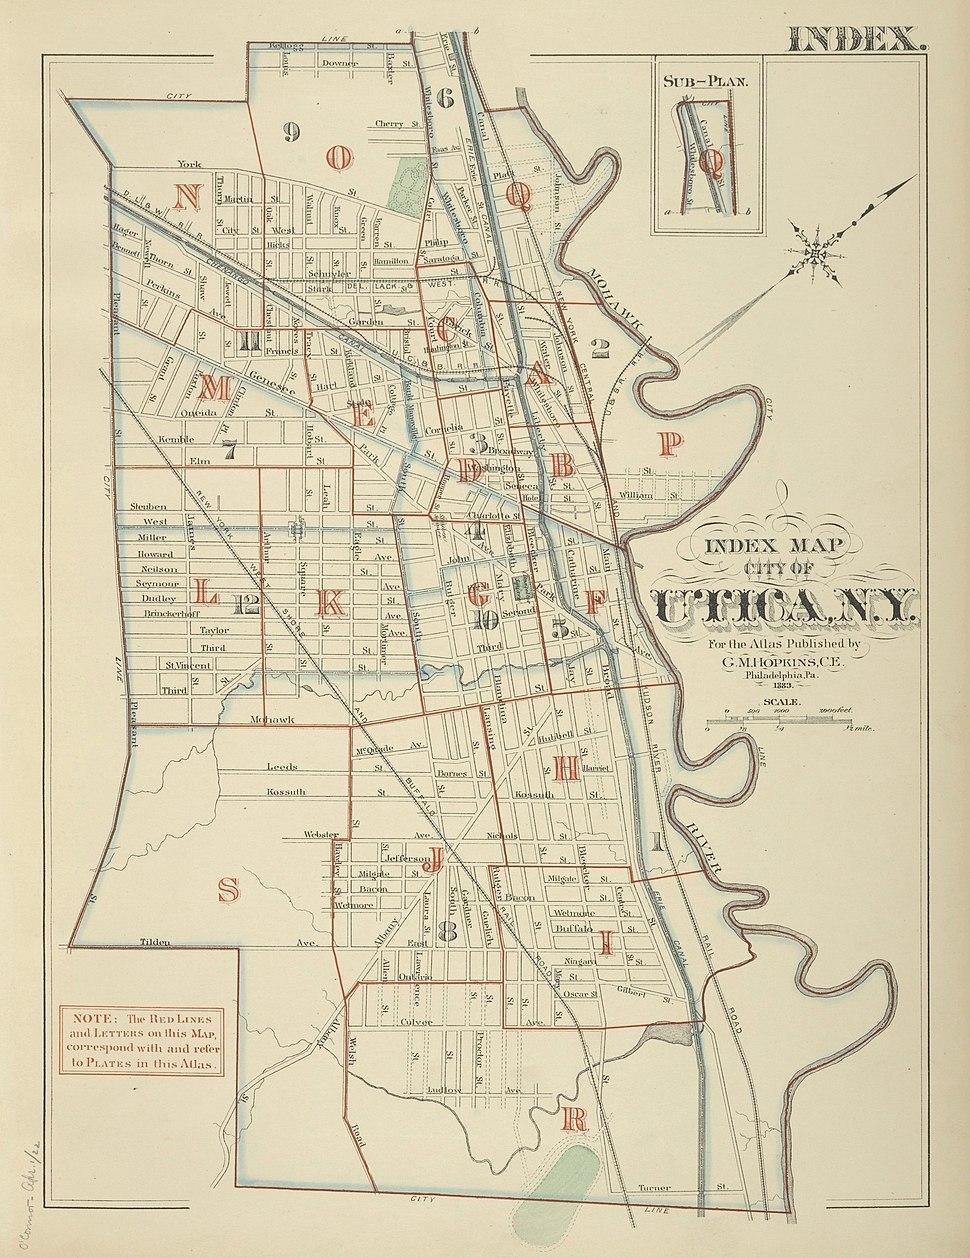 Utica index map